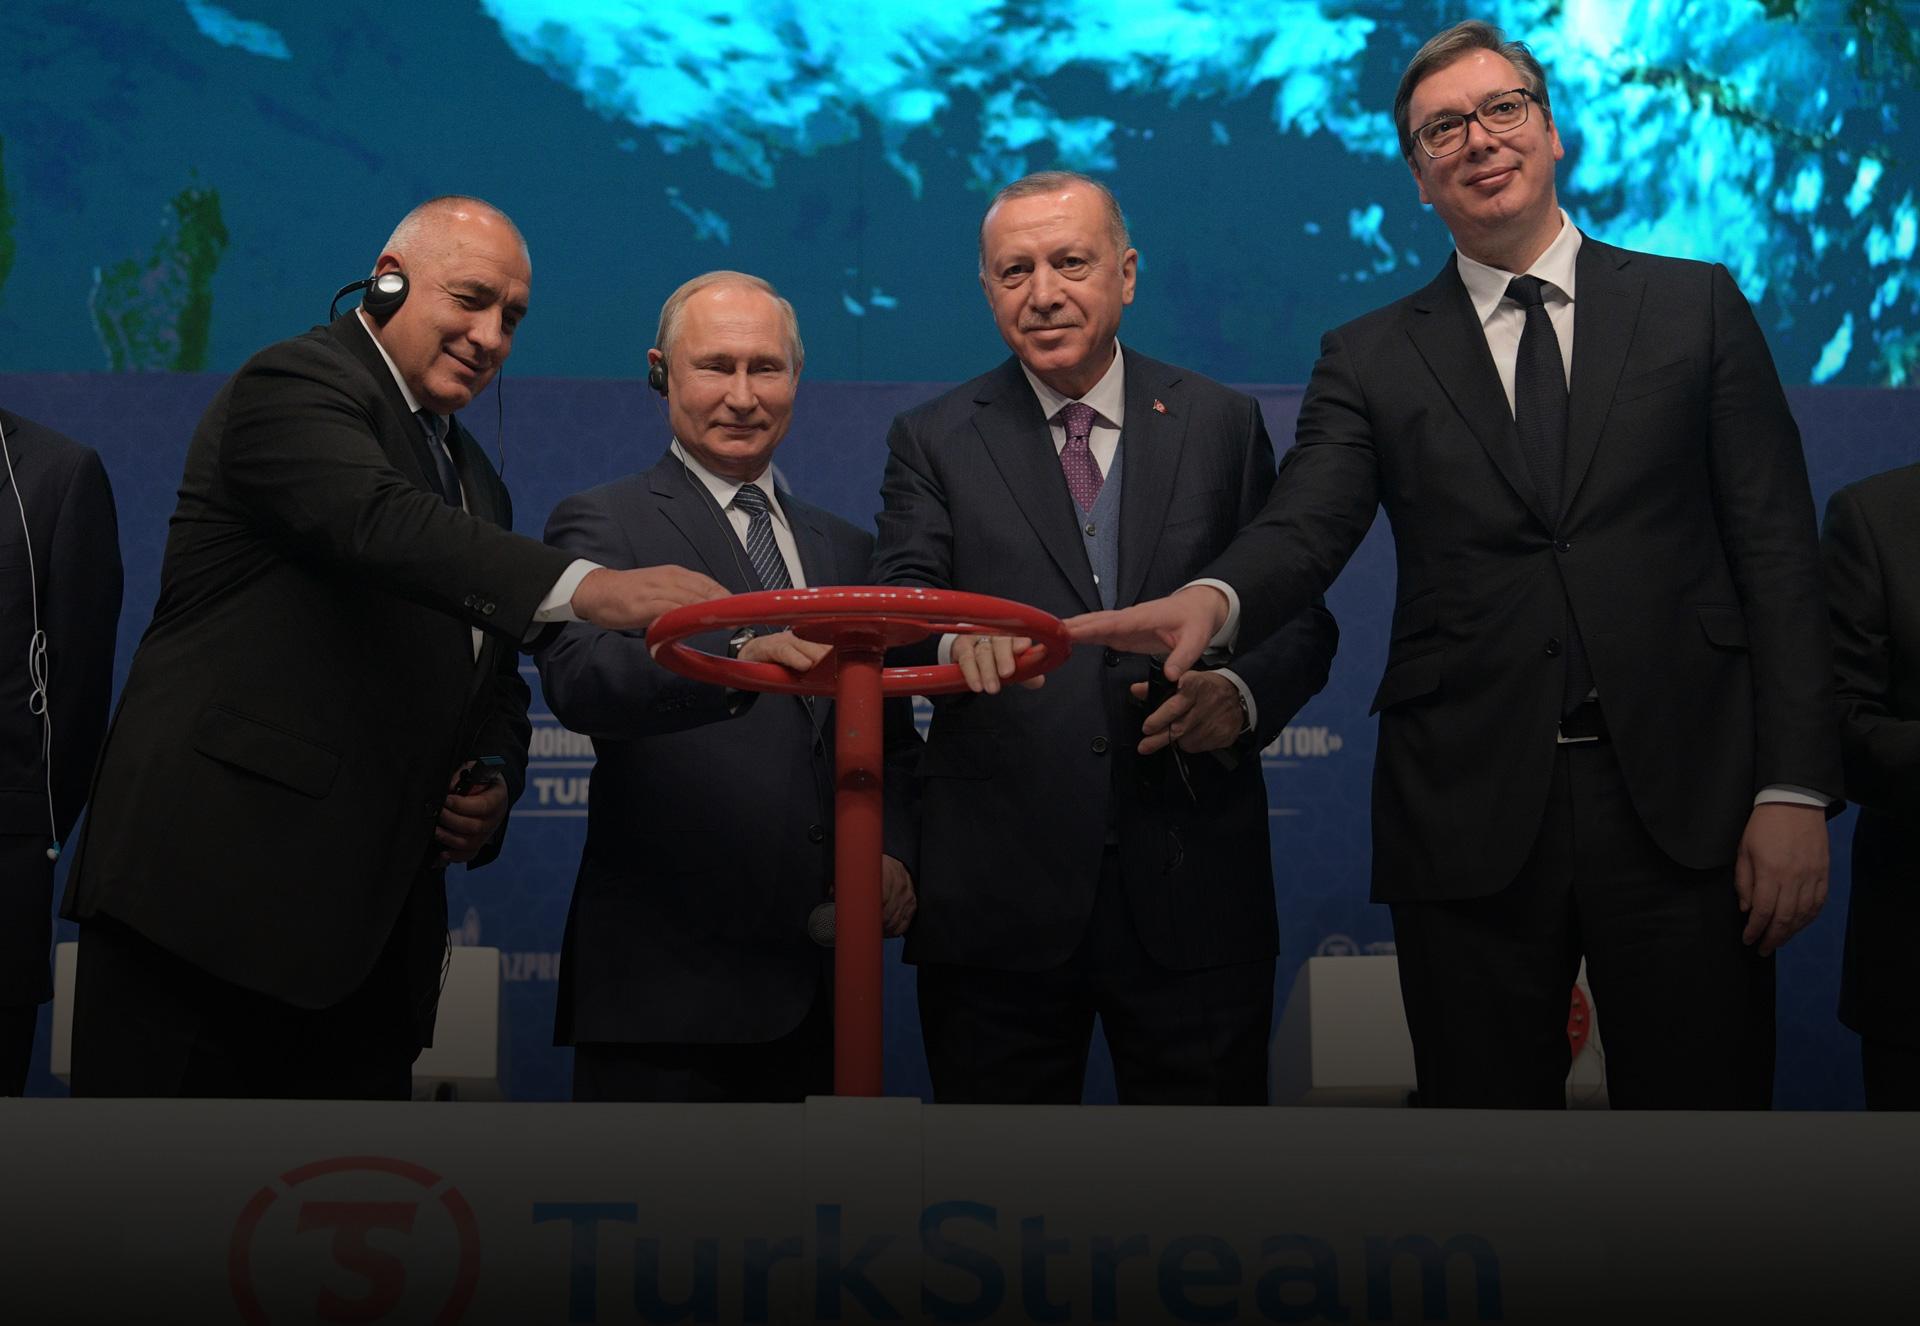 Működik az új balkáni gázvezeték, ami ellen az USA és az EU 15 évig hiába küzdött